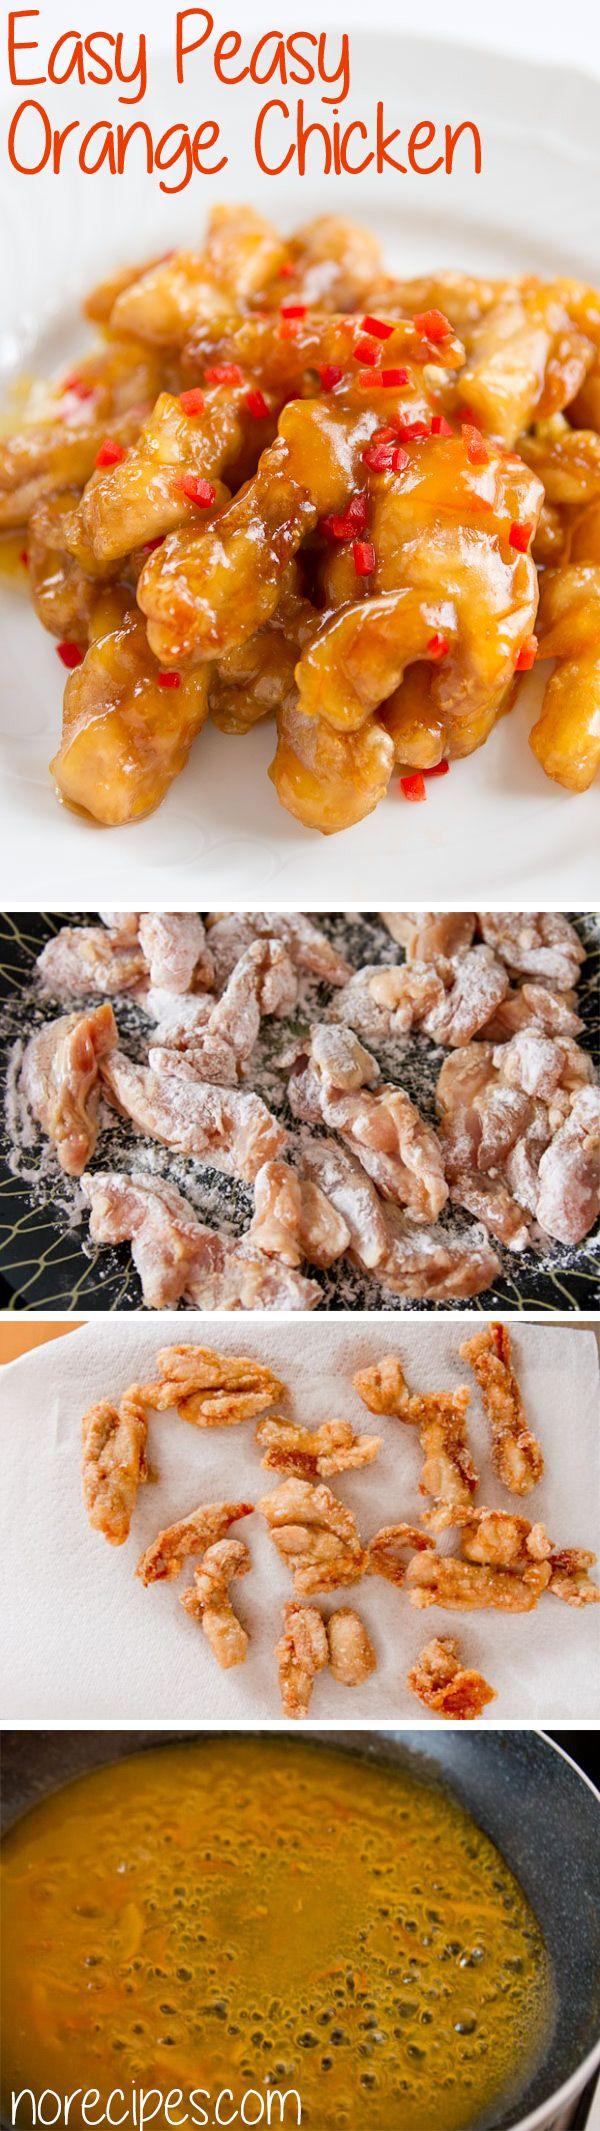 Pollo a la naranja (idioma:inglés,medidas  americanas)